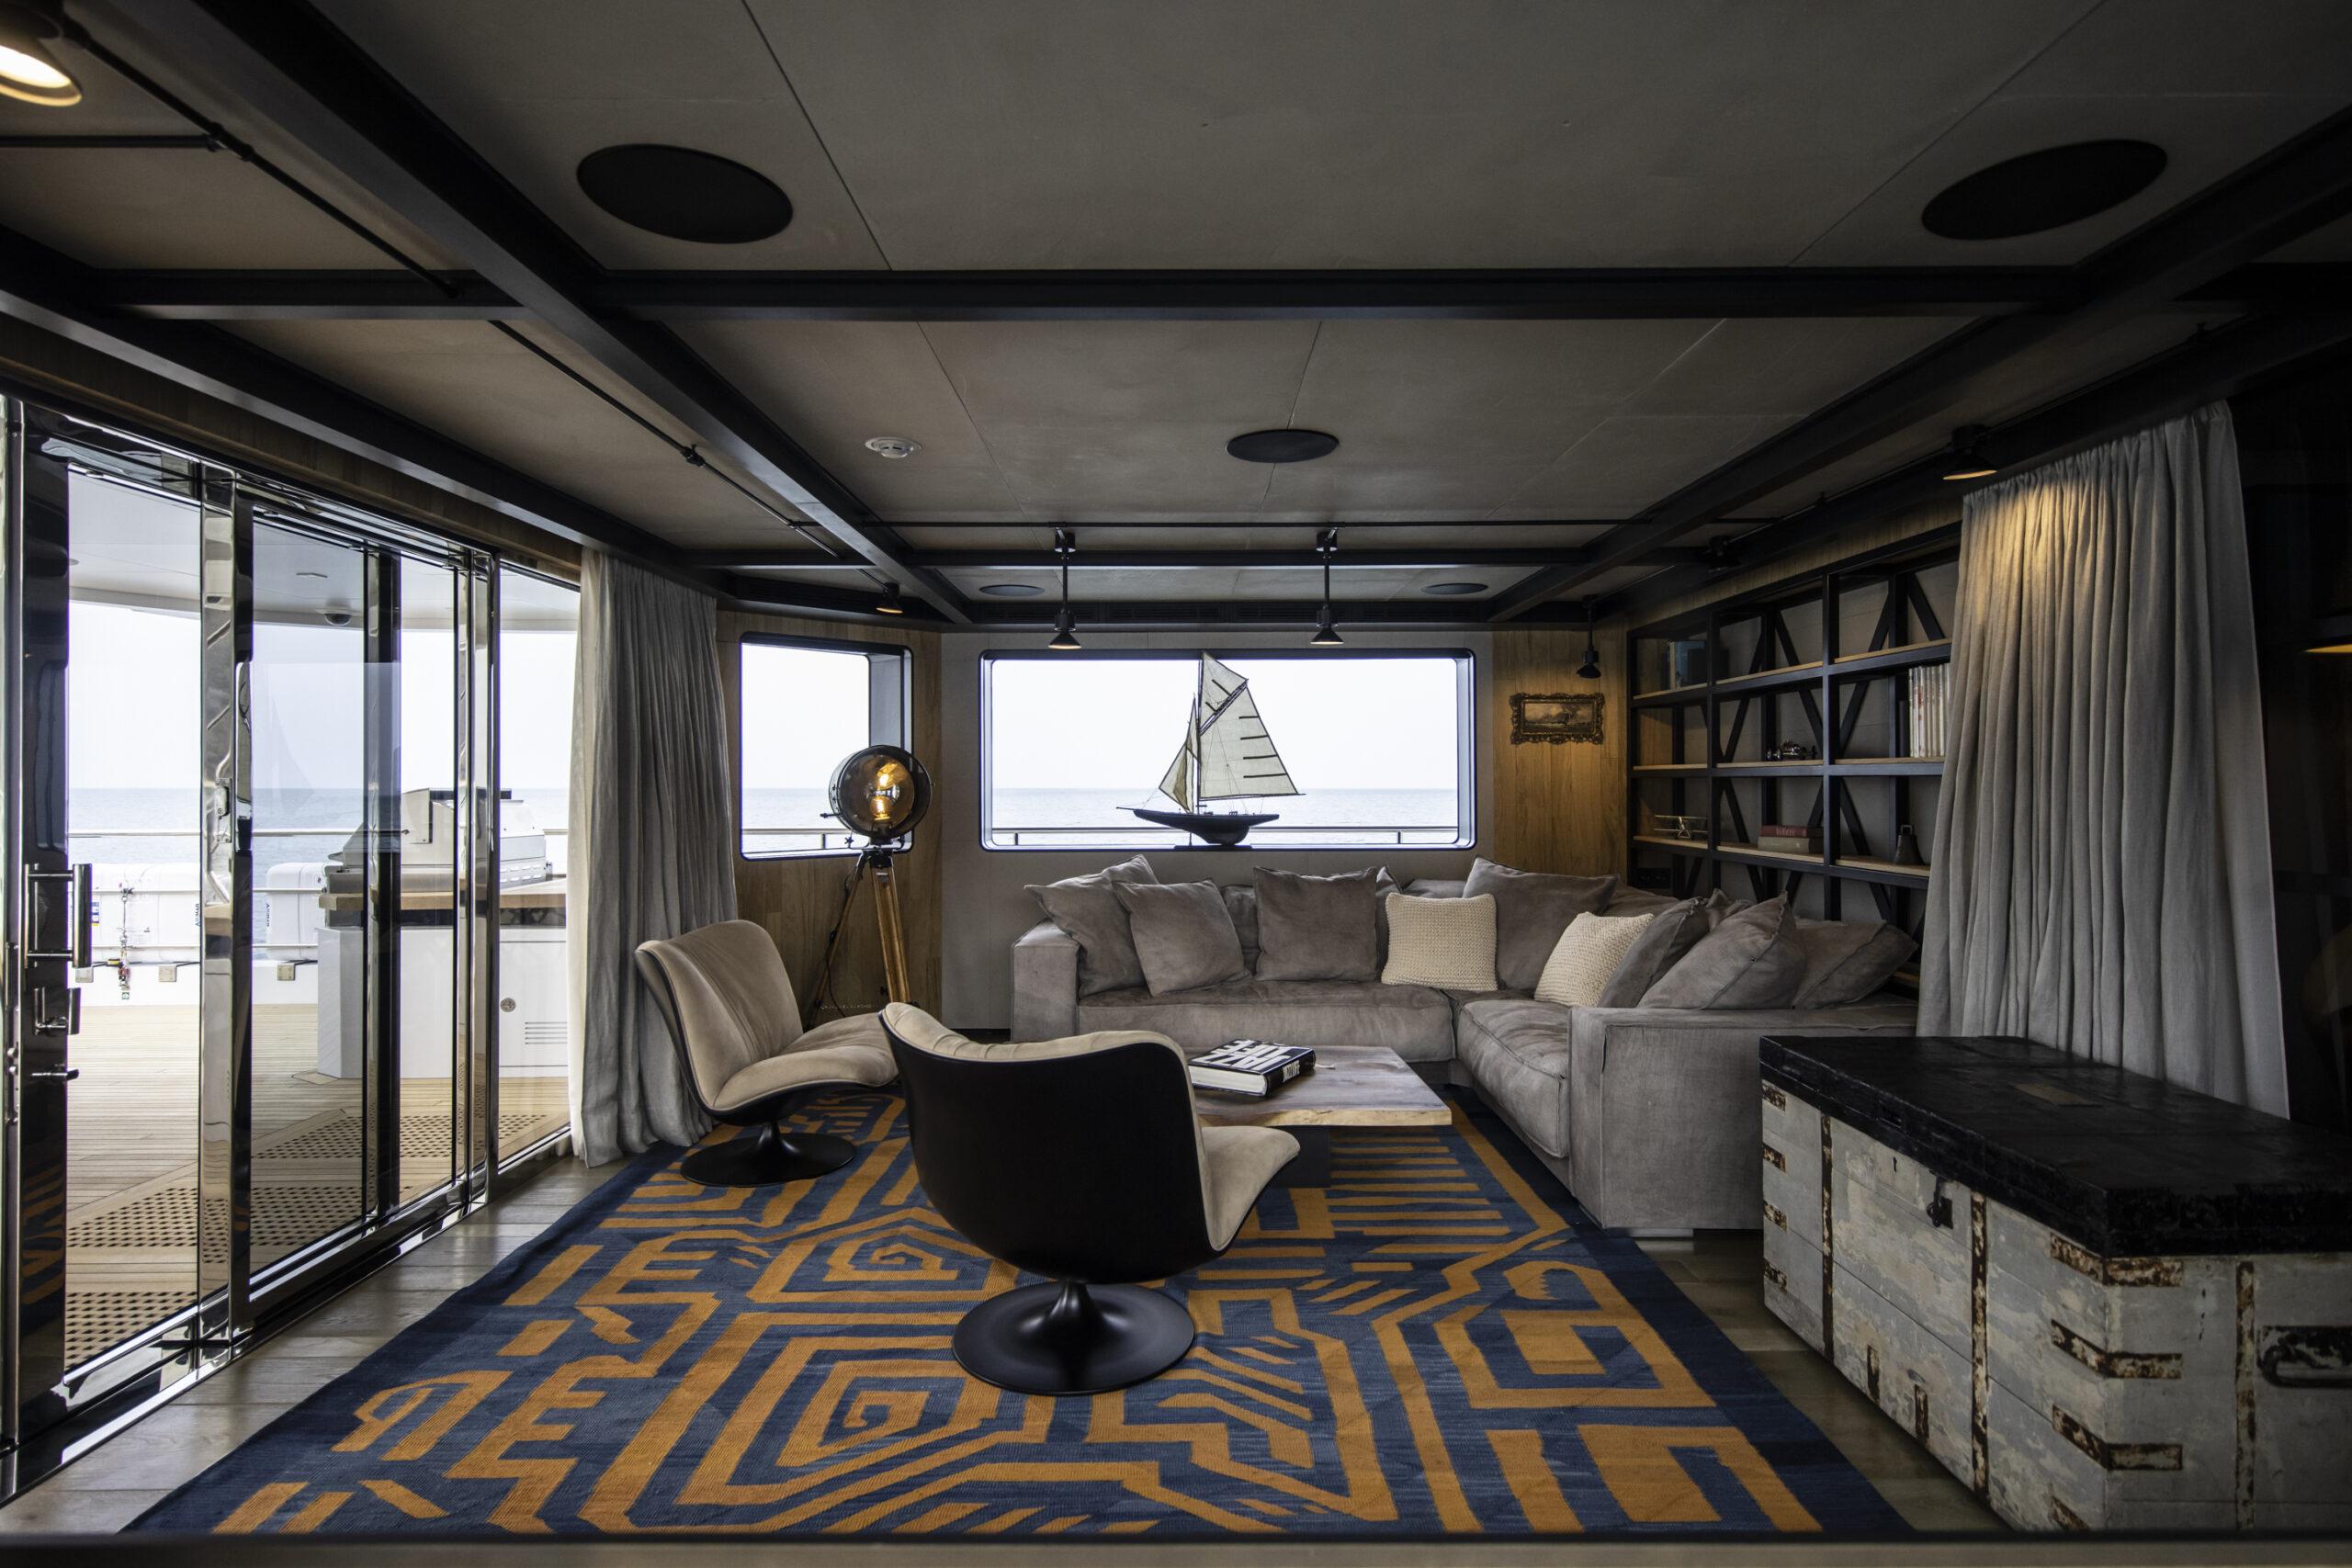 bohemian interior living area aboard the Cantiere Delle Marche Flexplorer 130